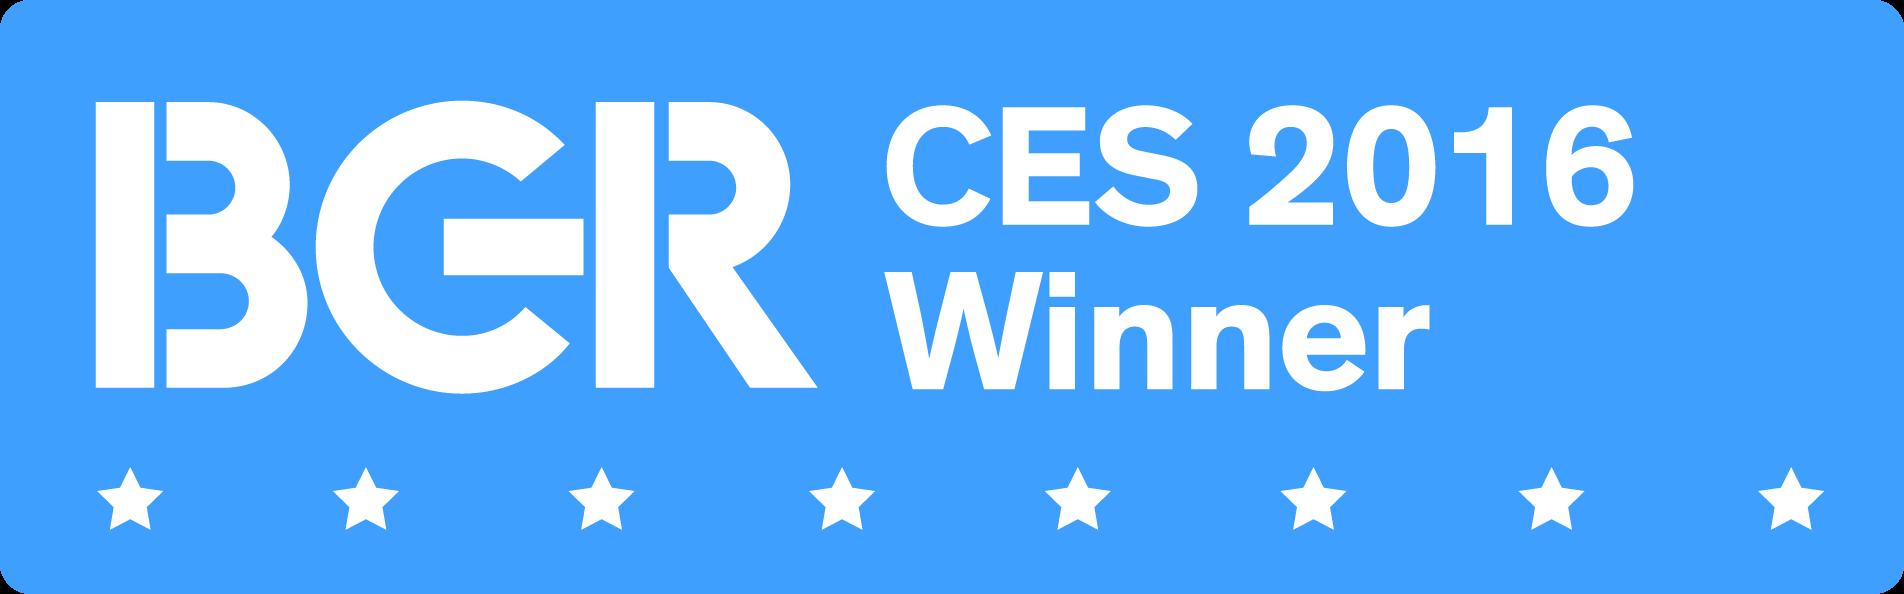 CES 2016 BGR Winner